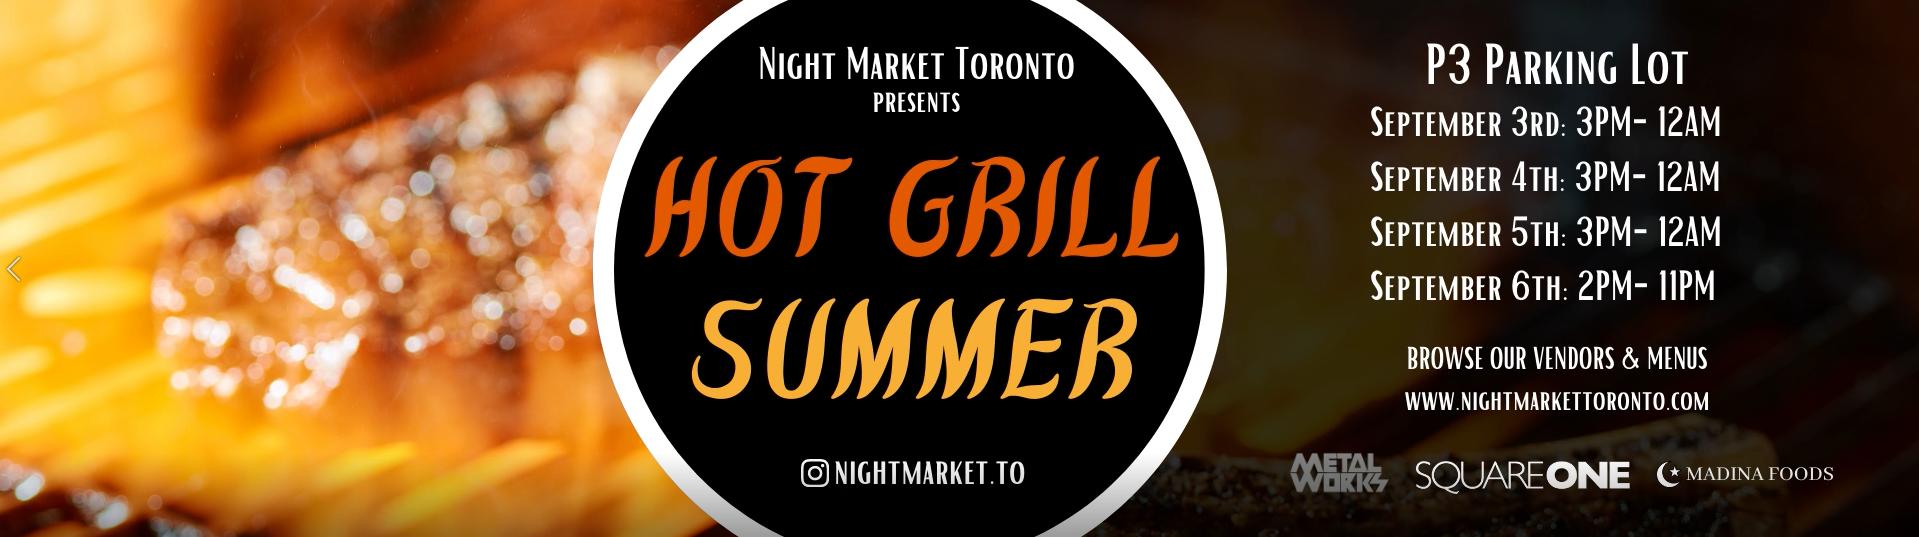 Hot Grill Summer Night Market